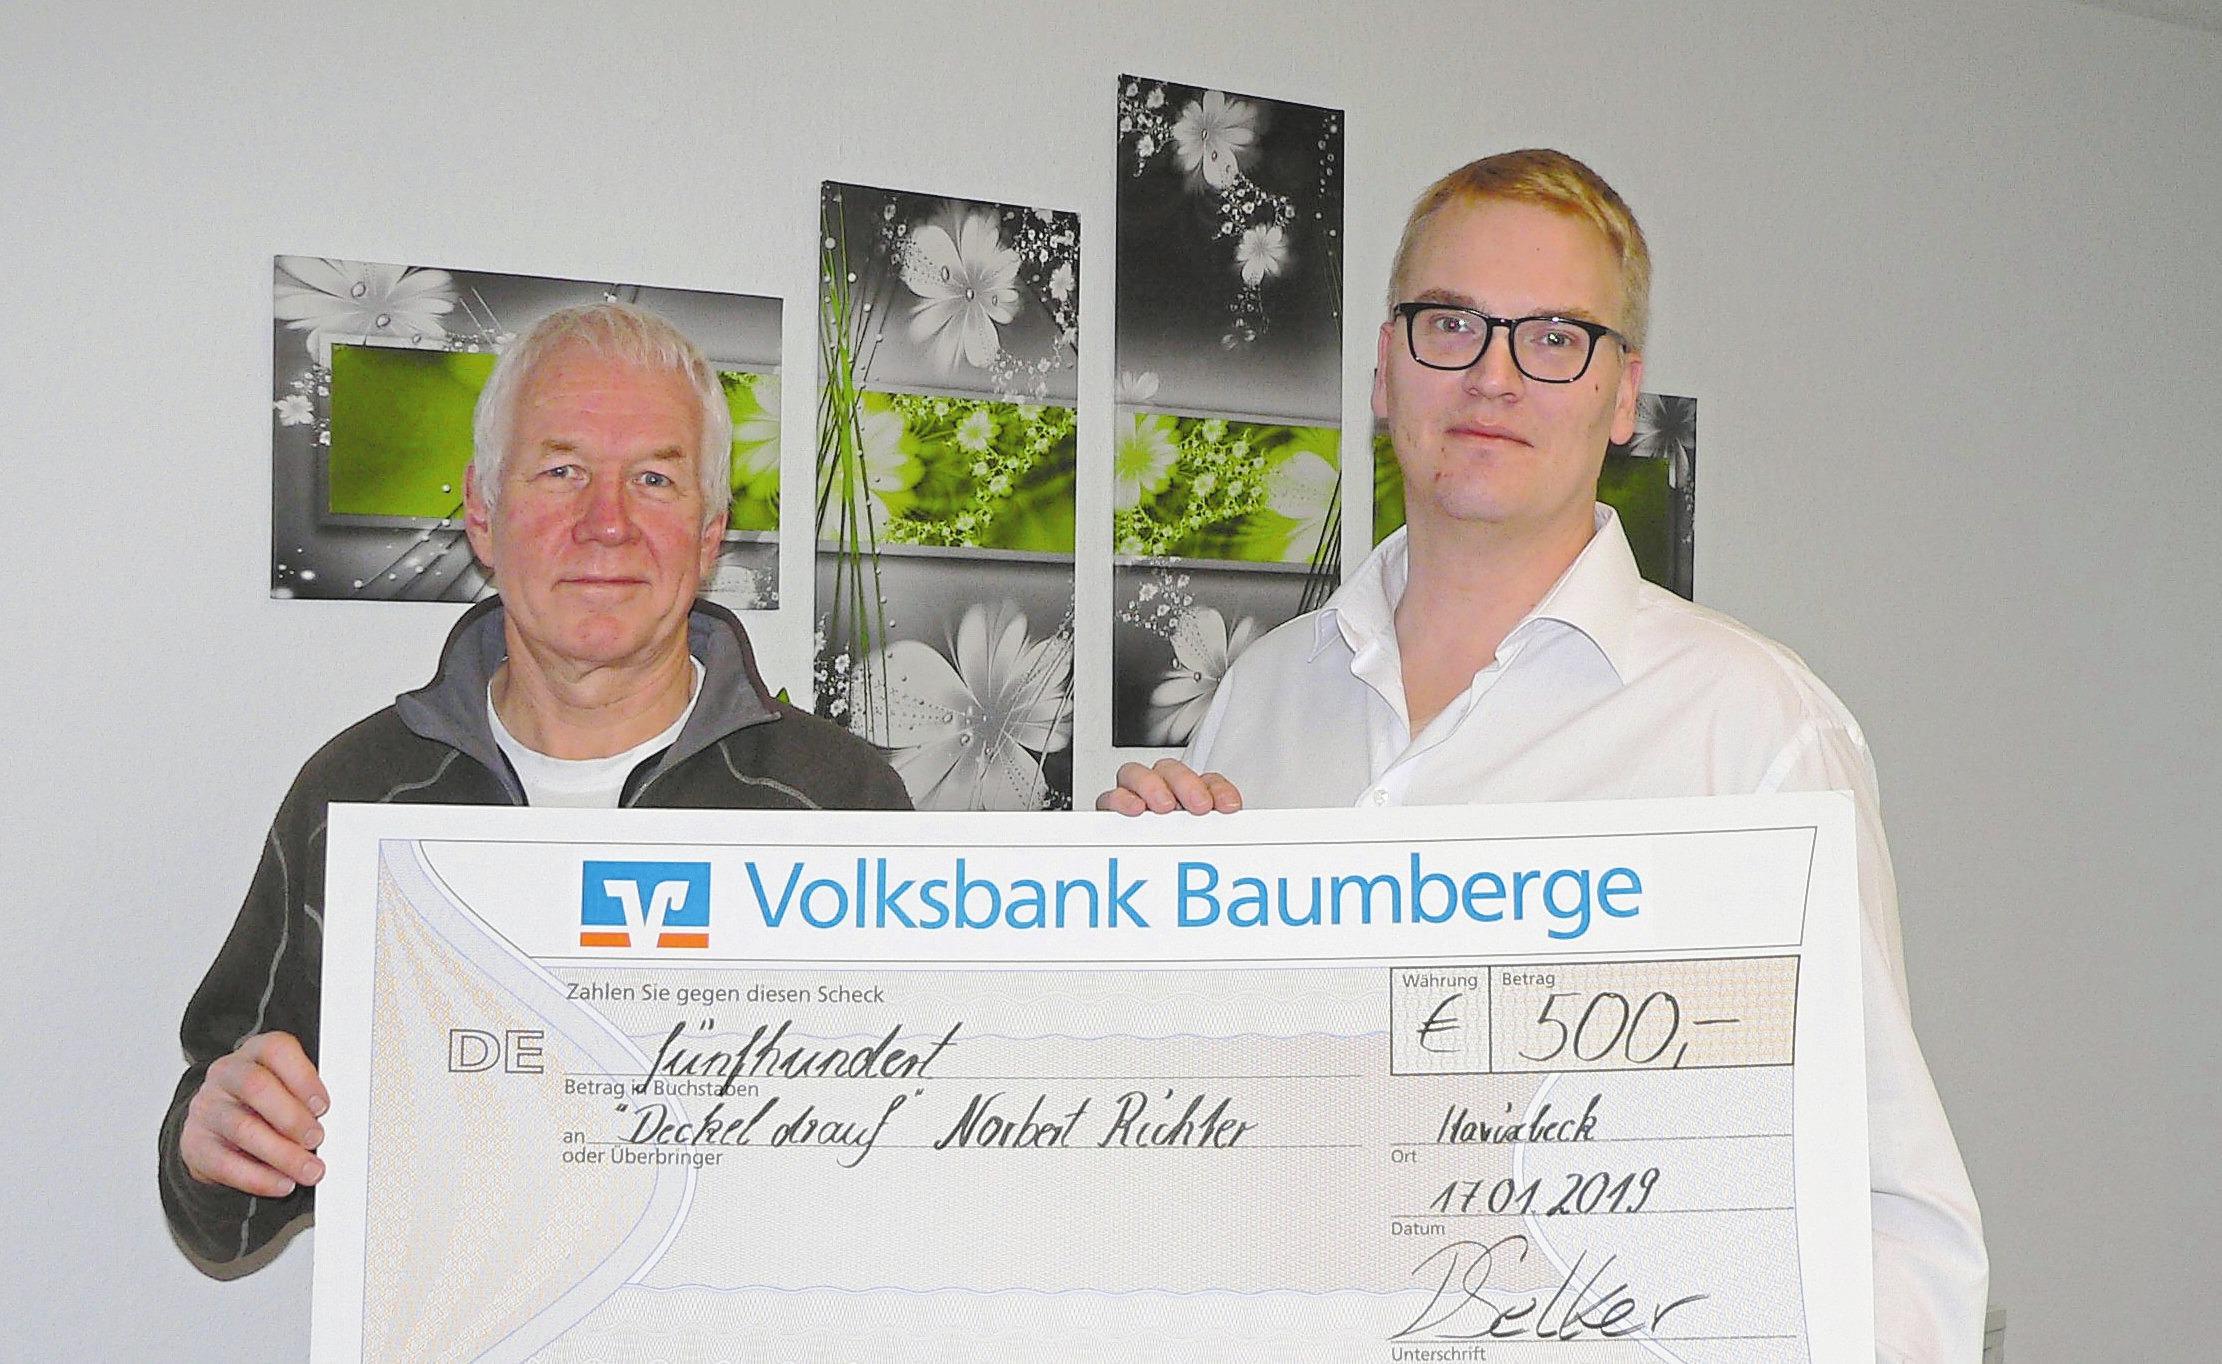 """Norbert Richter (l.) freut sich über die Spende für die Initiative """"Deckel gegen Polio"""", die ihm Dominik Selker überreichte. Foto: Dorothee Harbers"""